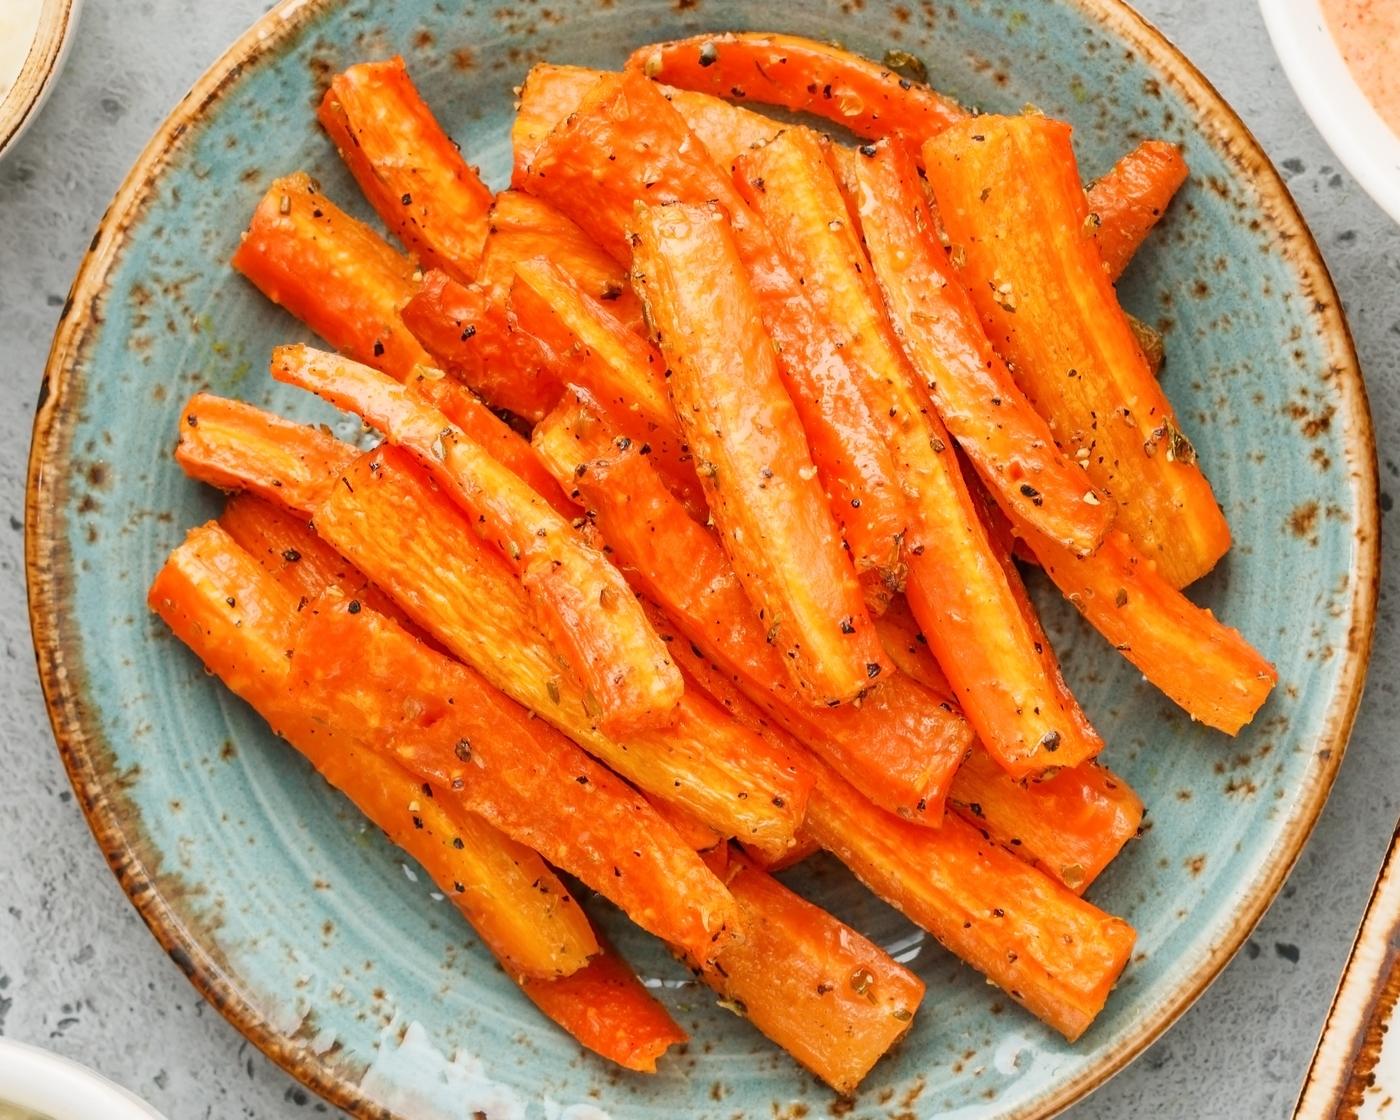 prato azul com palitos de cenoura no forno